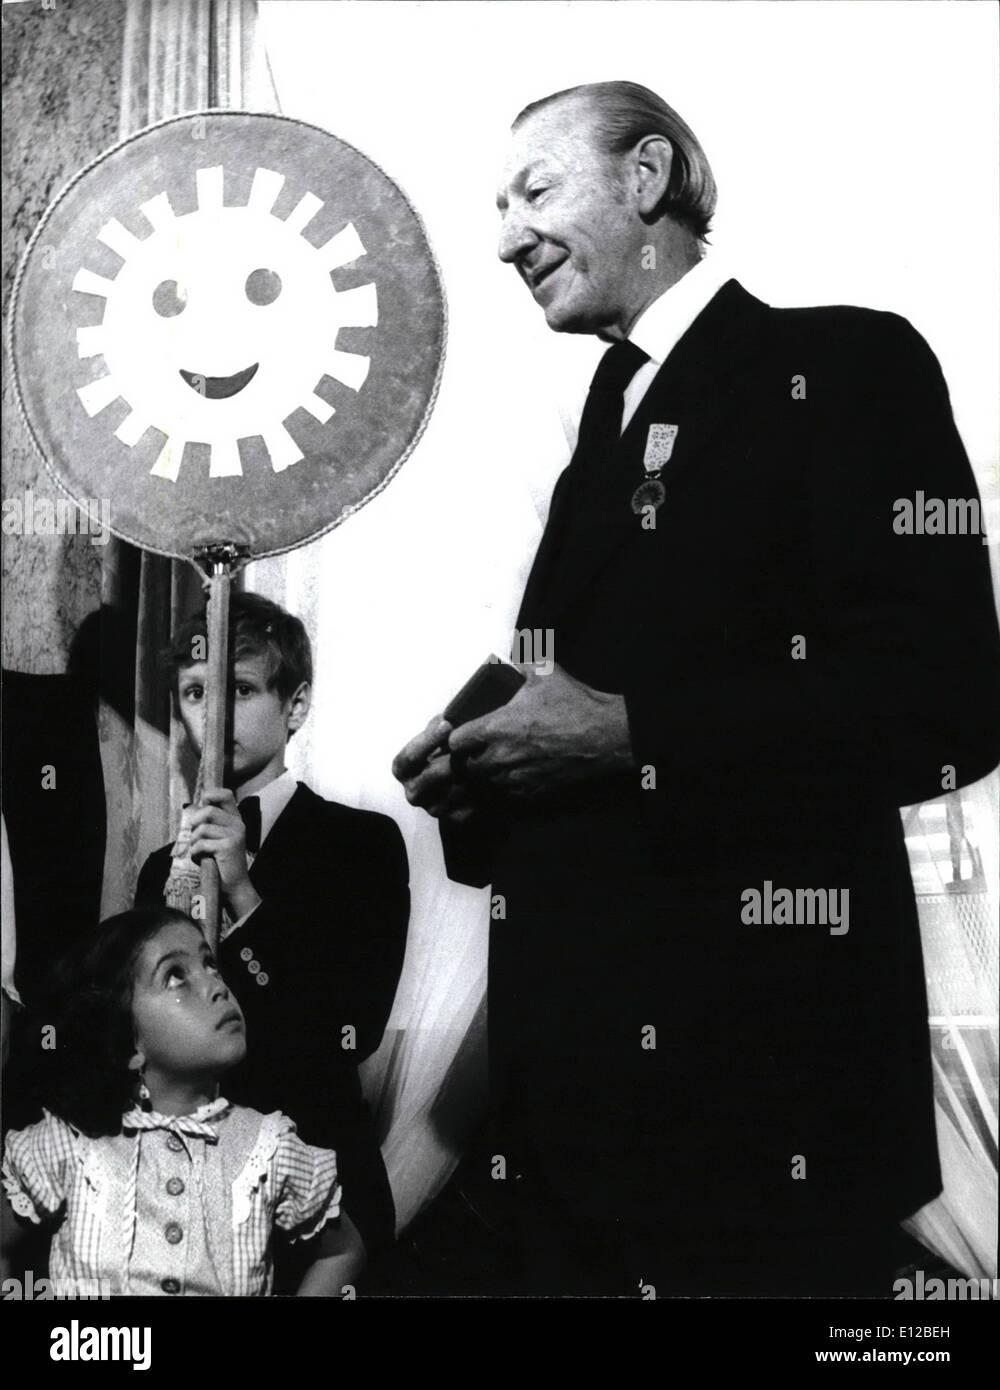 Dic. 09, 2011 - La storia della medaglia inizia nel 1968. polacco medaglia del sorriso è unico in tutto il mondo proposta e premiato da bambini. Immagini Stock